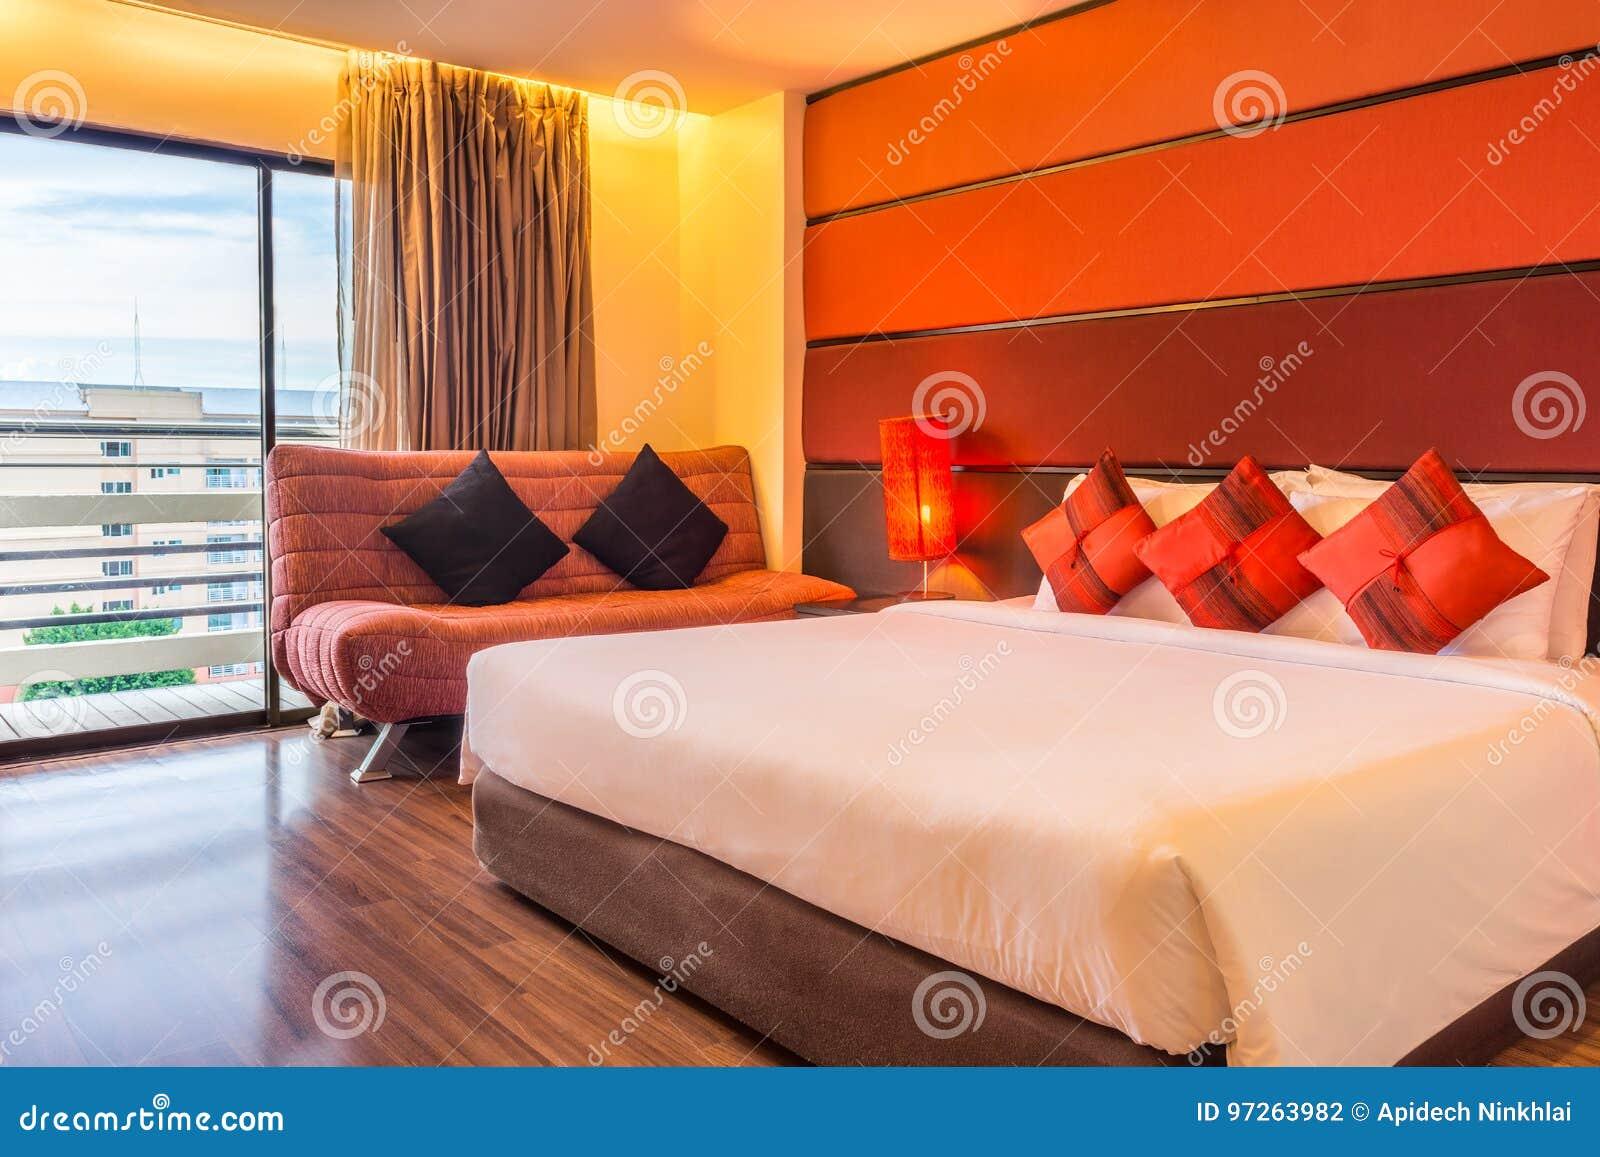 Camere Da Letto Matrimoniali Romantiche : Camera da letto principale romantica con i letti matrimoniali ed